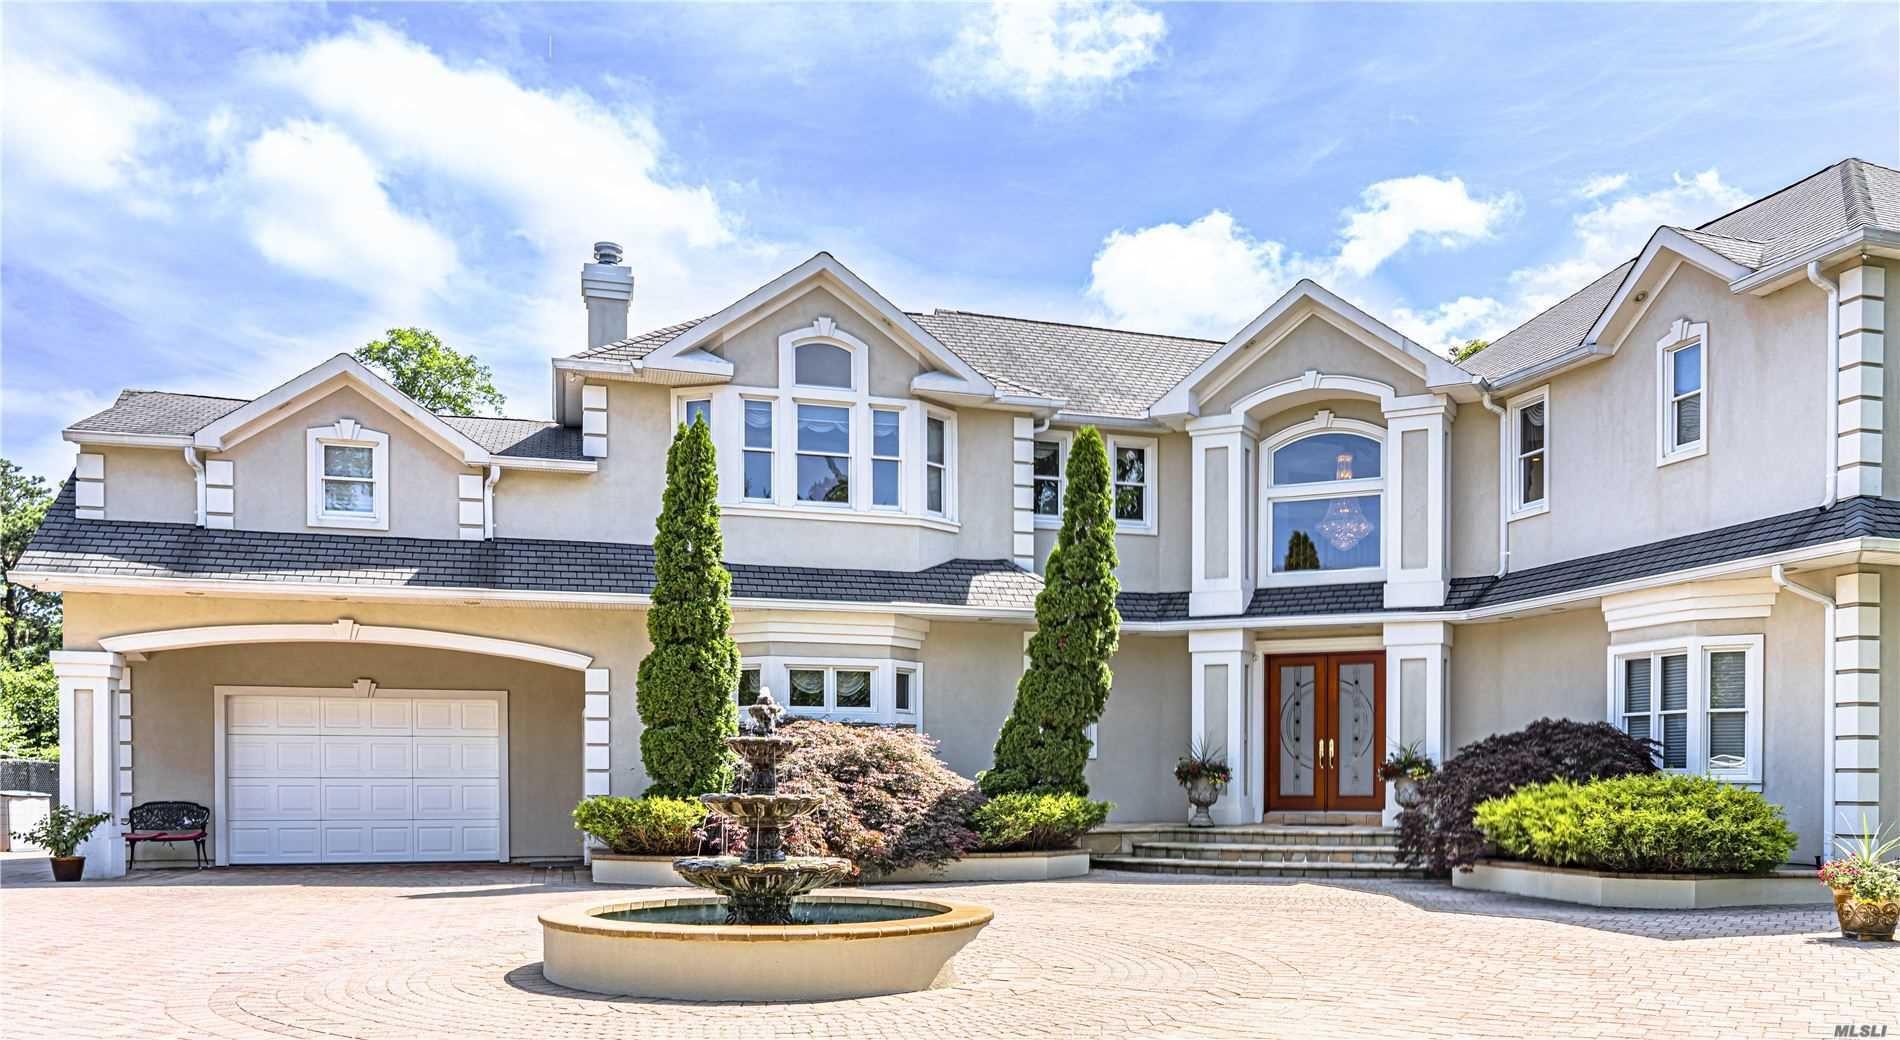 1 Ocean Ext. Avenue, Islip, NY 11751 - MLS#: 3120914